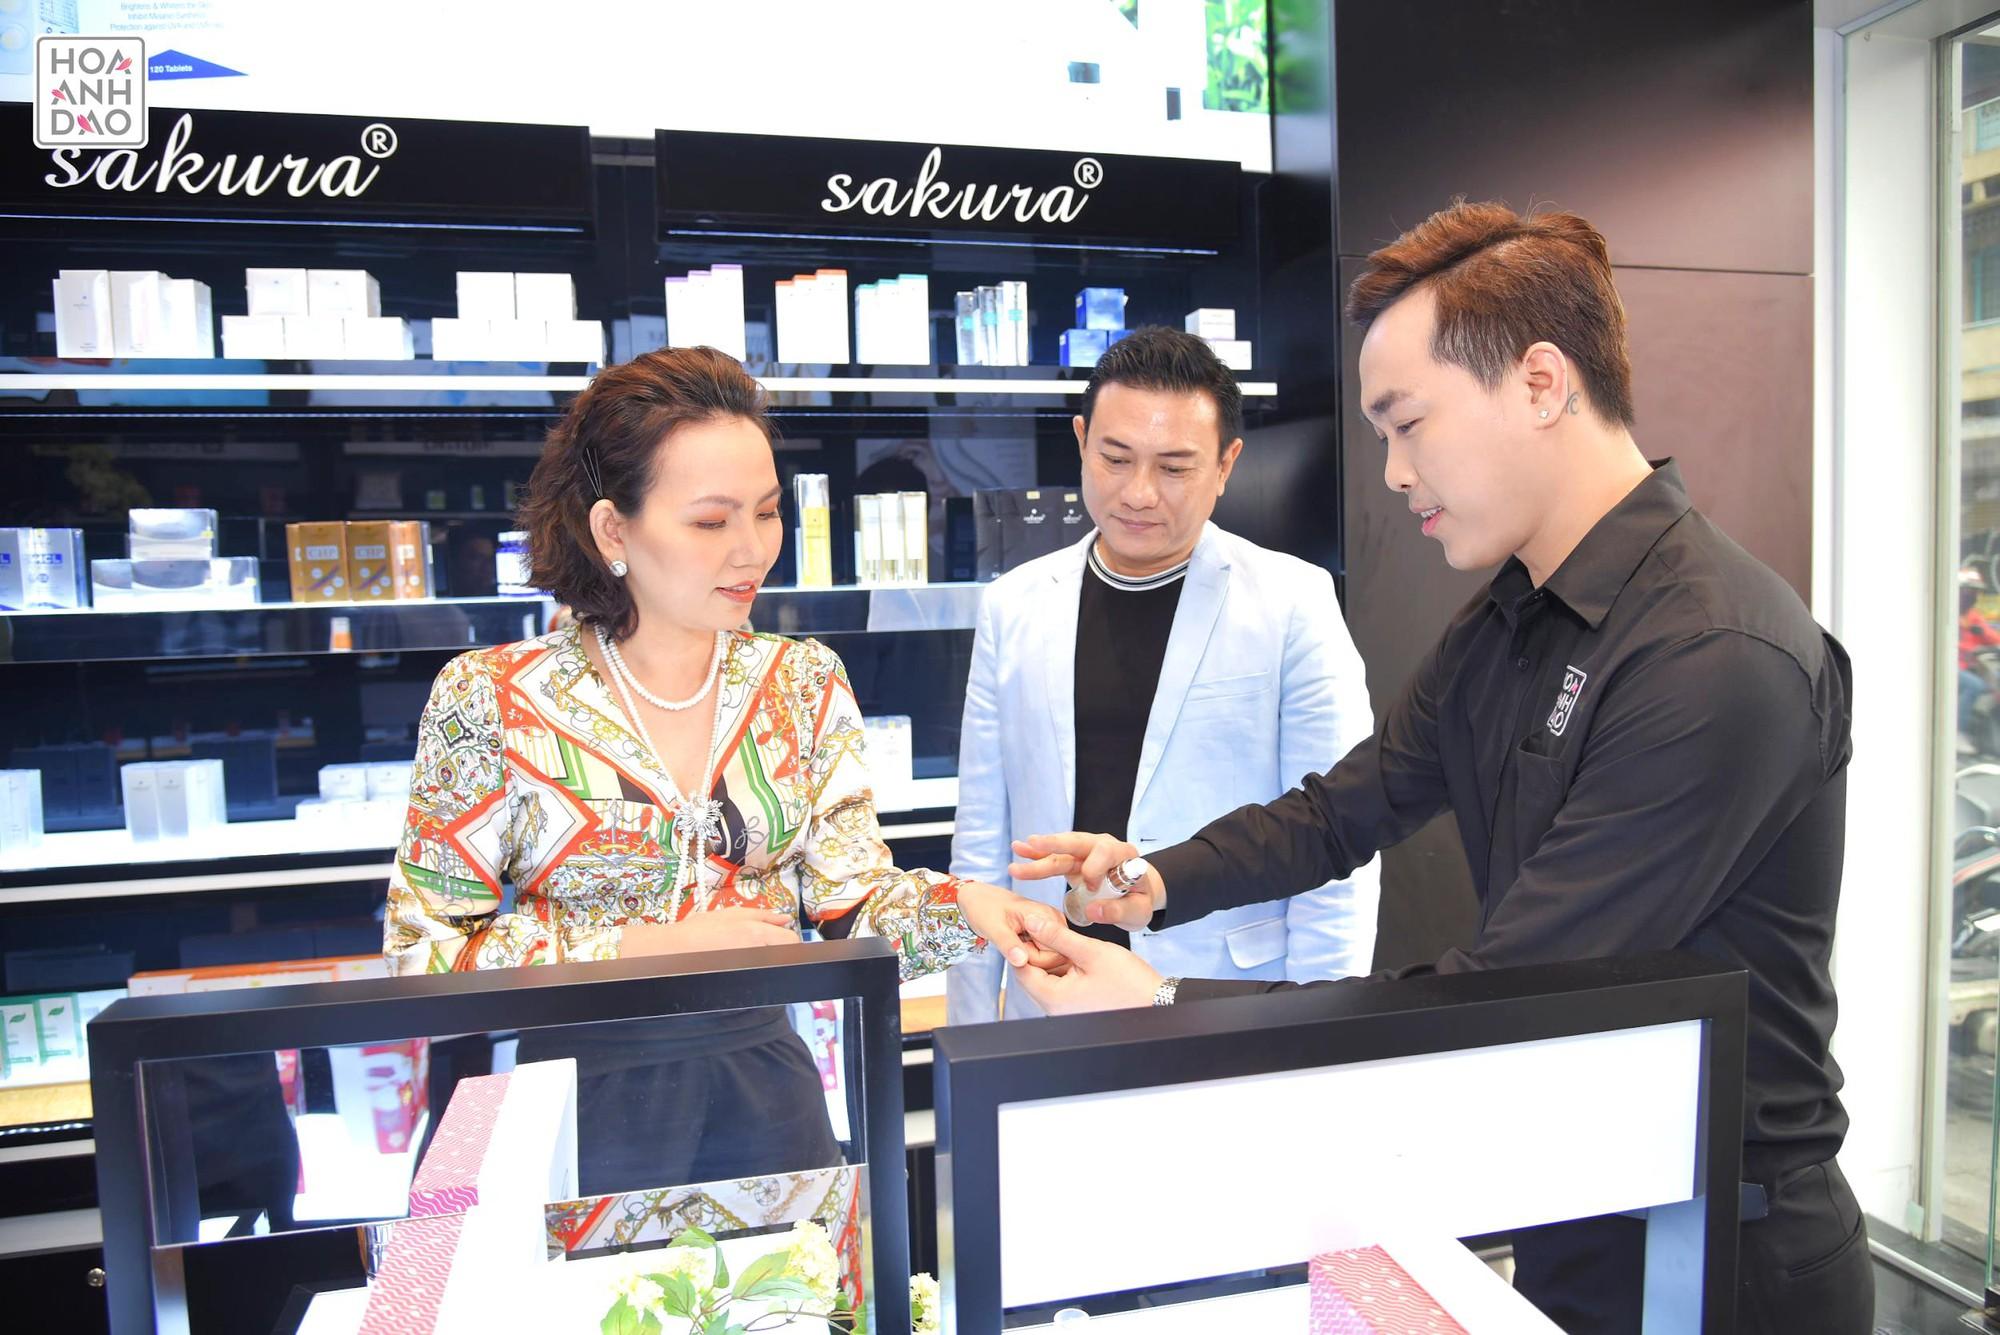 Hoa Anh Đào khai trương cửa hàng mỹ phẩm tại đường Hai Bà Trưng - Ảnh 7.